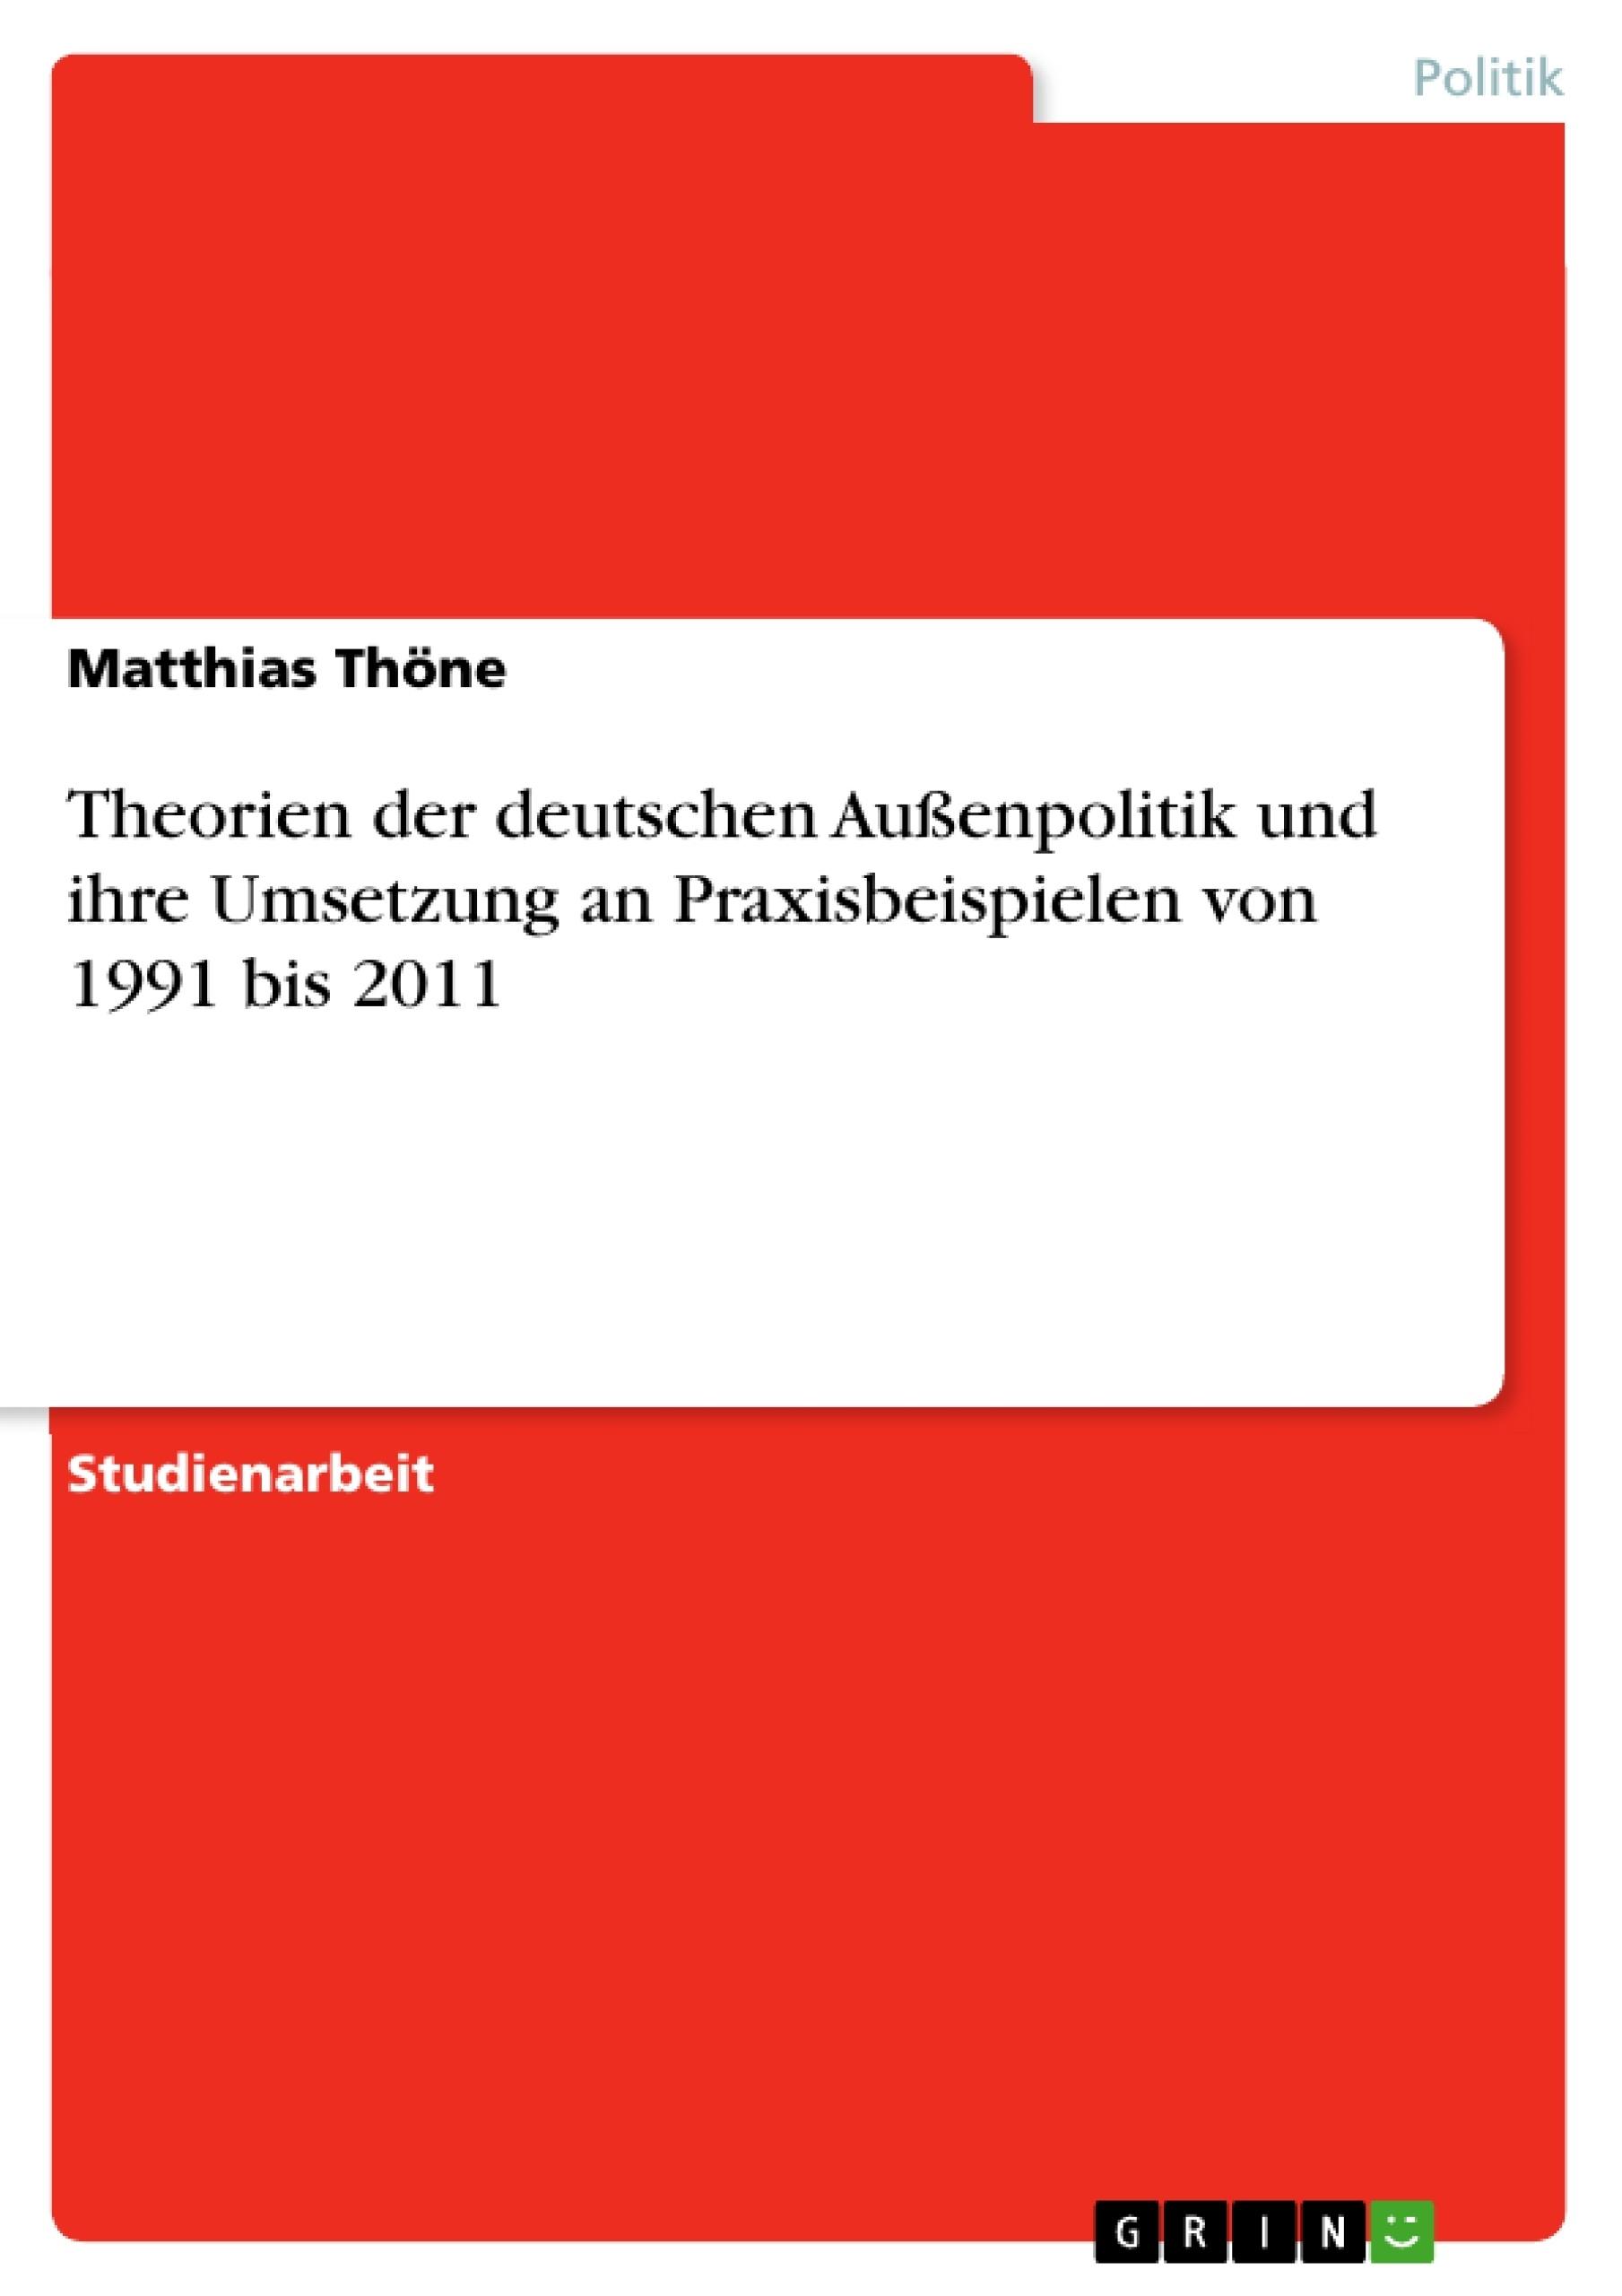 Titel: Theorien der deutschen Außenpolitik und ihre Umsetzung an Praxisbeispielen von 1991 bis 2011